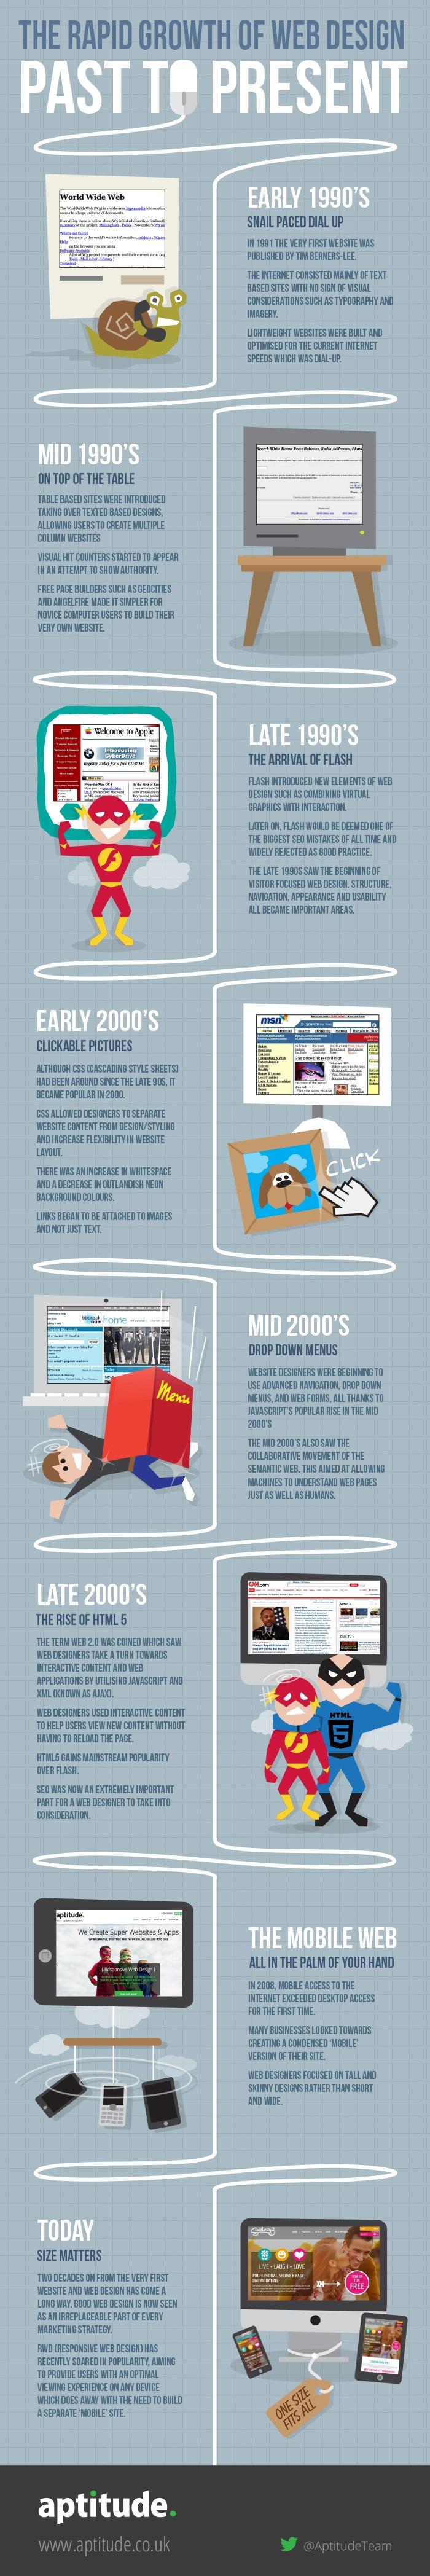 Web Design Timeline Infographic